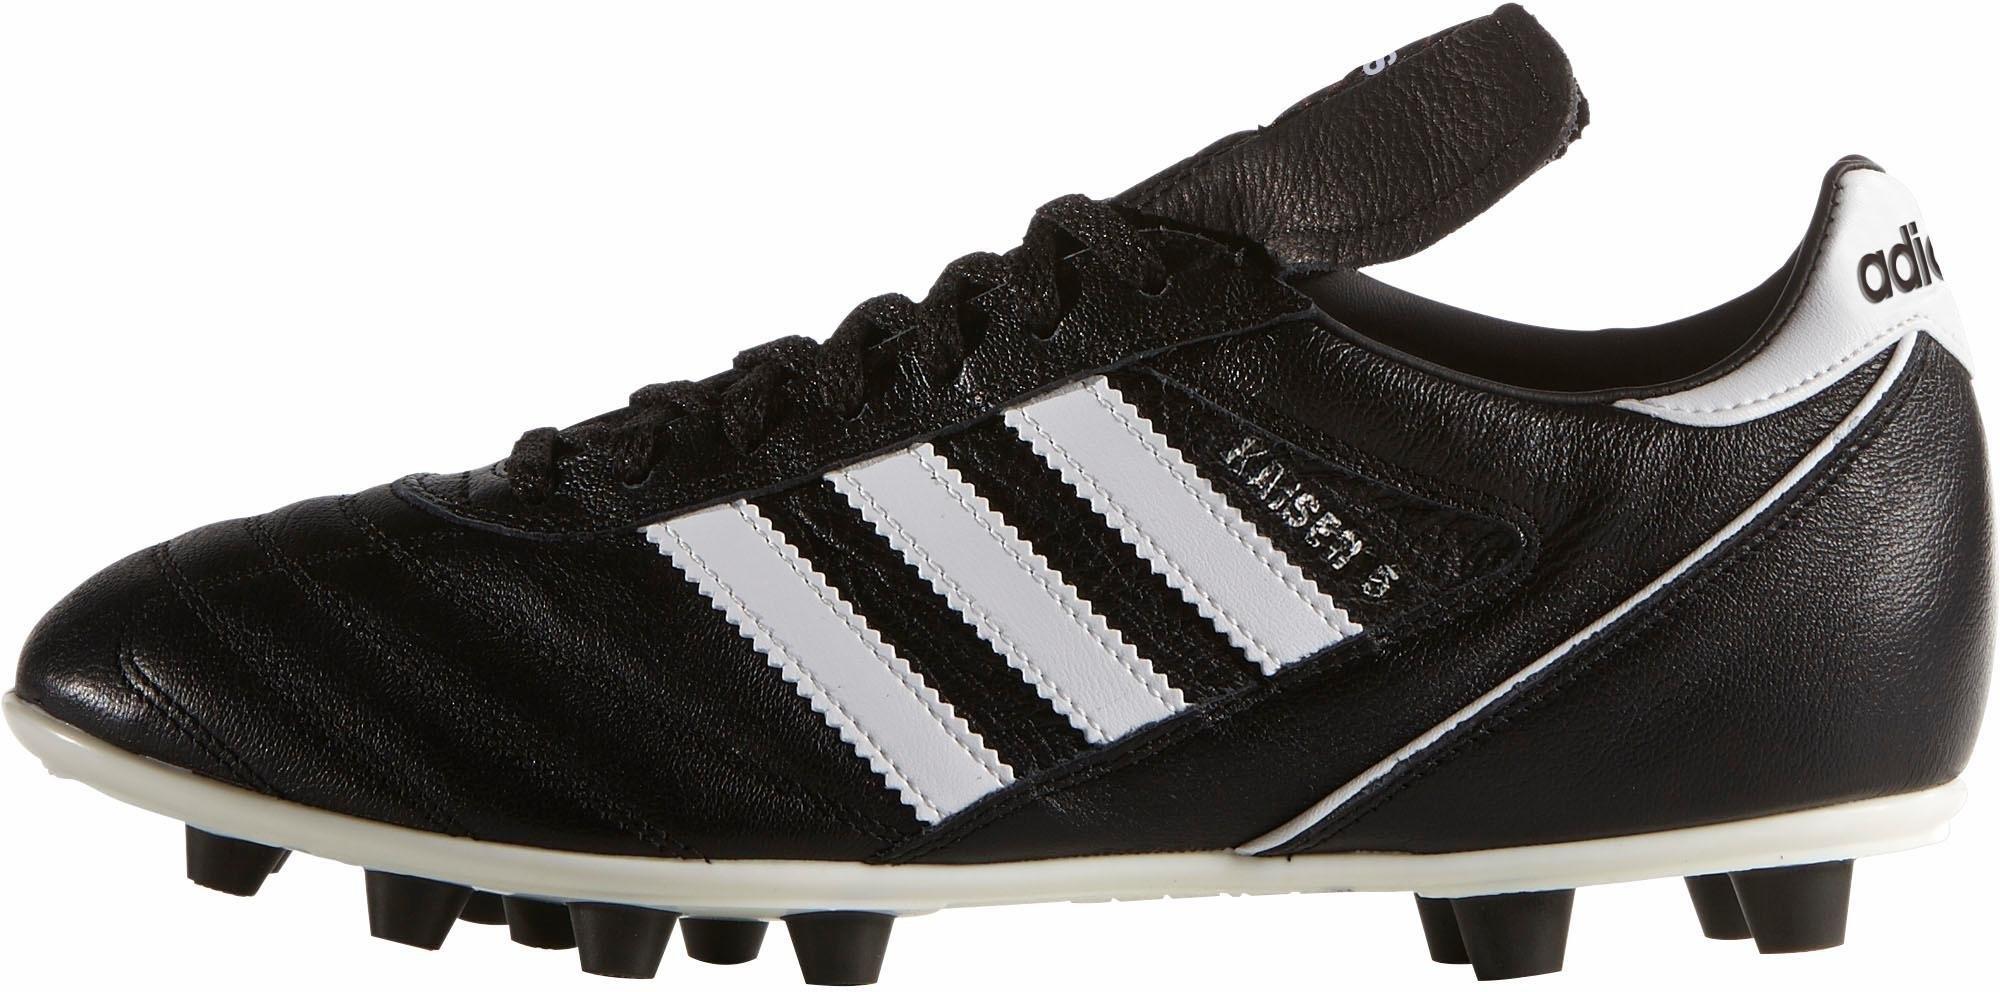 adidas Performance voetbalschoenen KAISER 5 LIGA voordelig en veilig online kopen